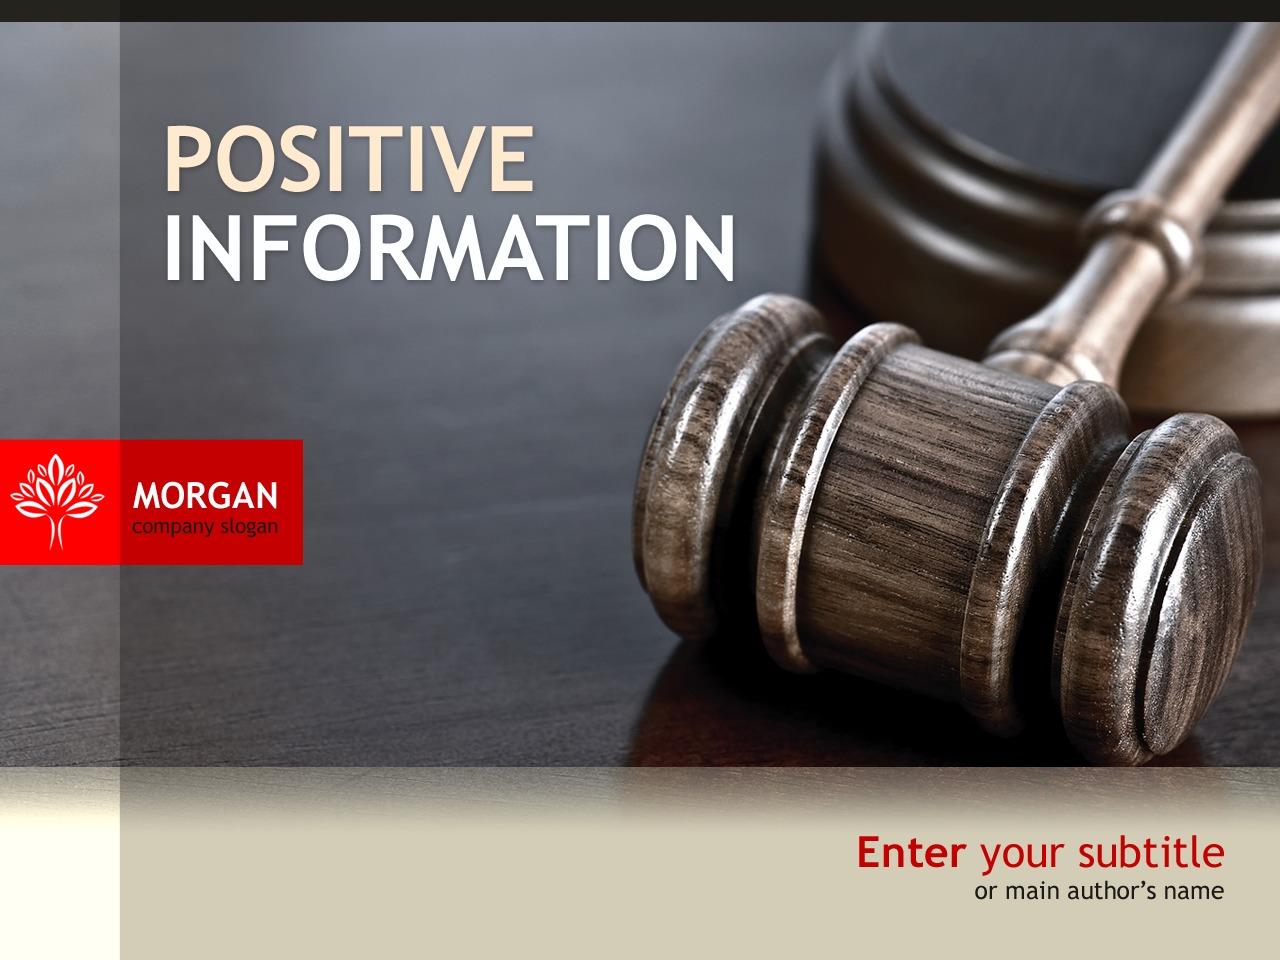 律师PowerPoint 模板 #32099 - 截图